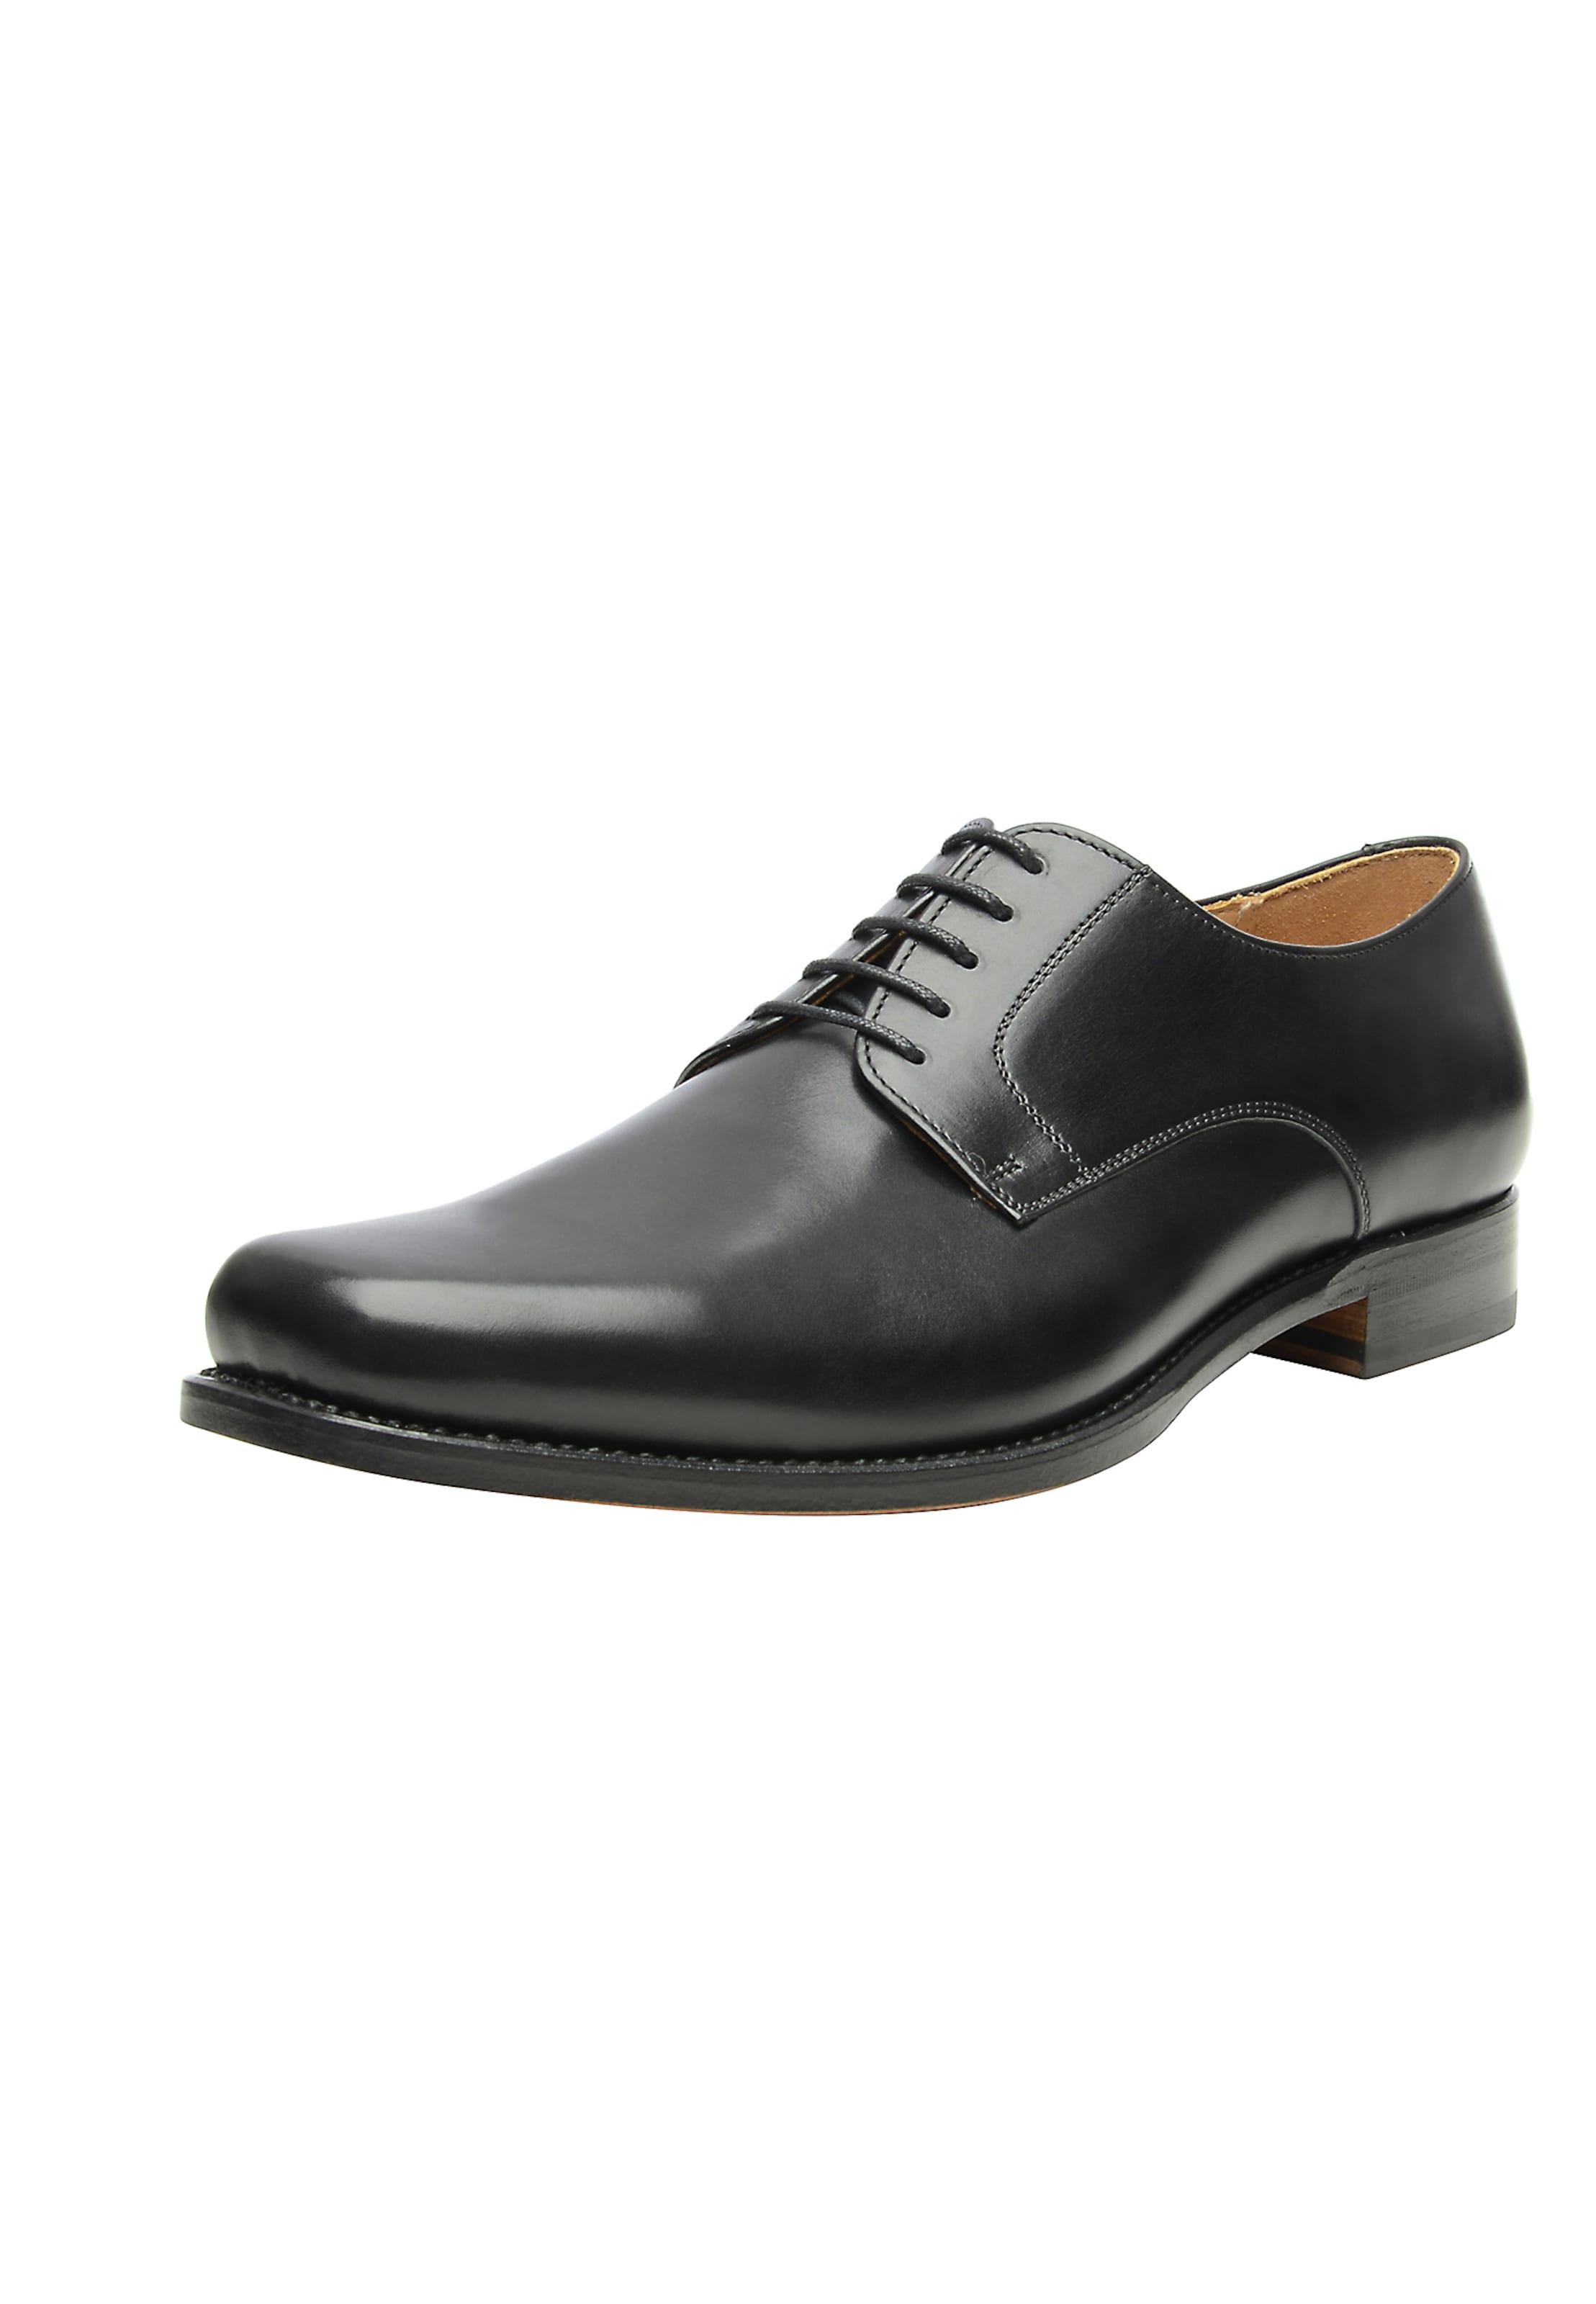 SHOEPASSION Businessschuhe No. 520 Verschleißfeste billige Schuhe